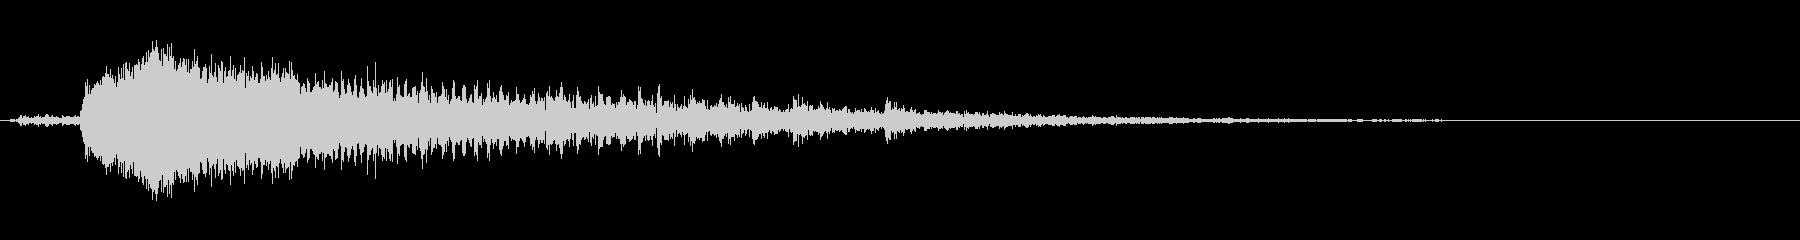 ギィーギギギギ(ドアの軋み音)Dの未再生の波形